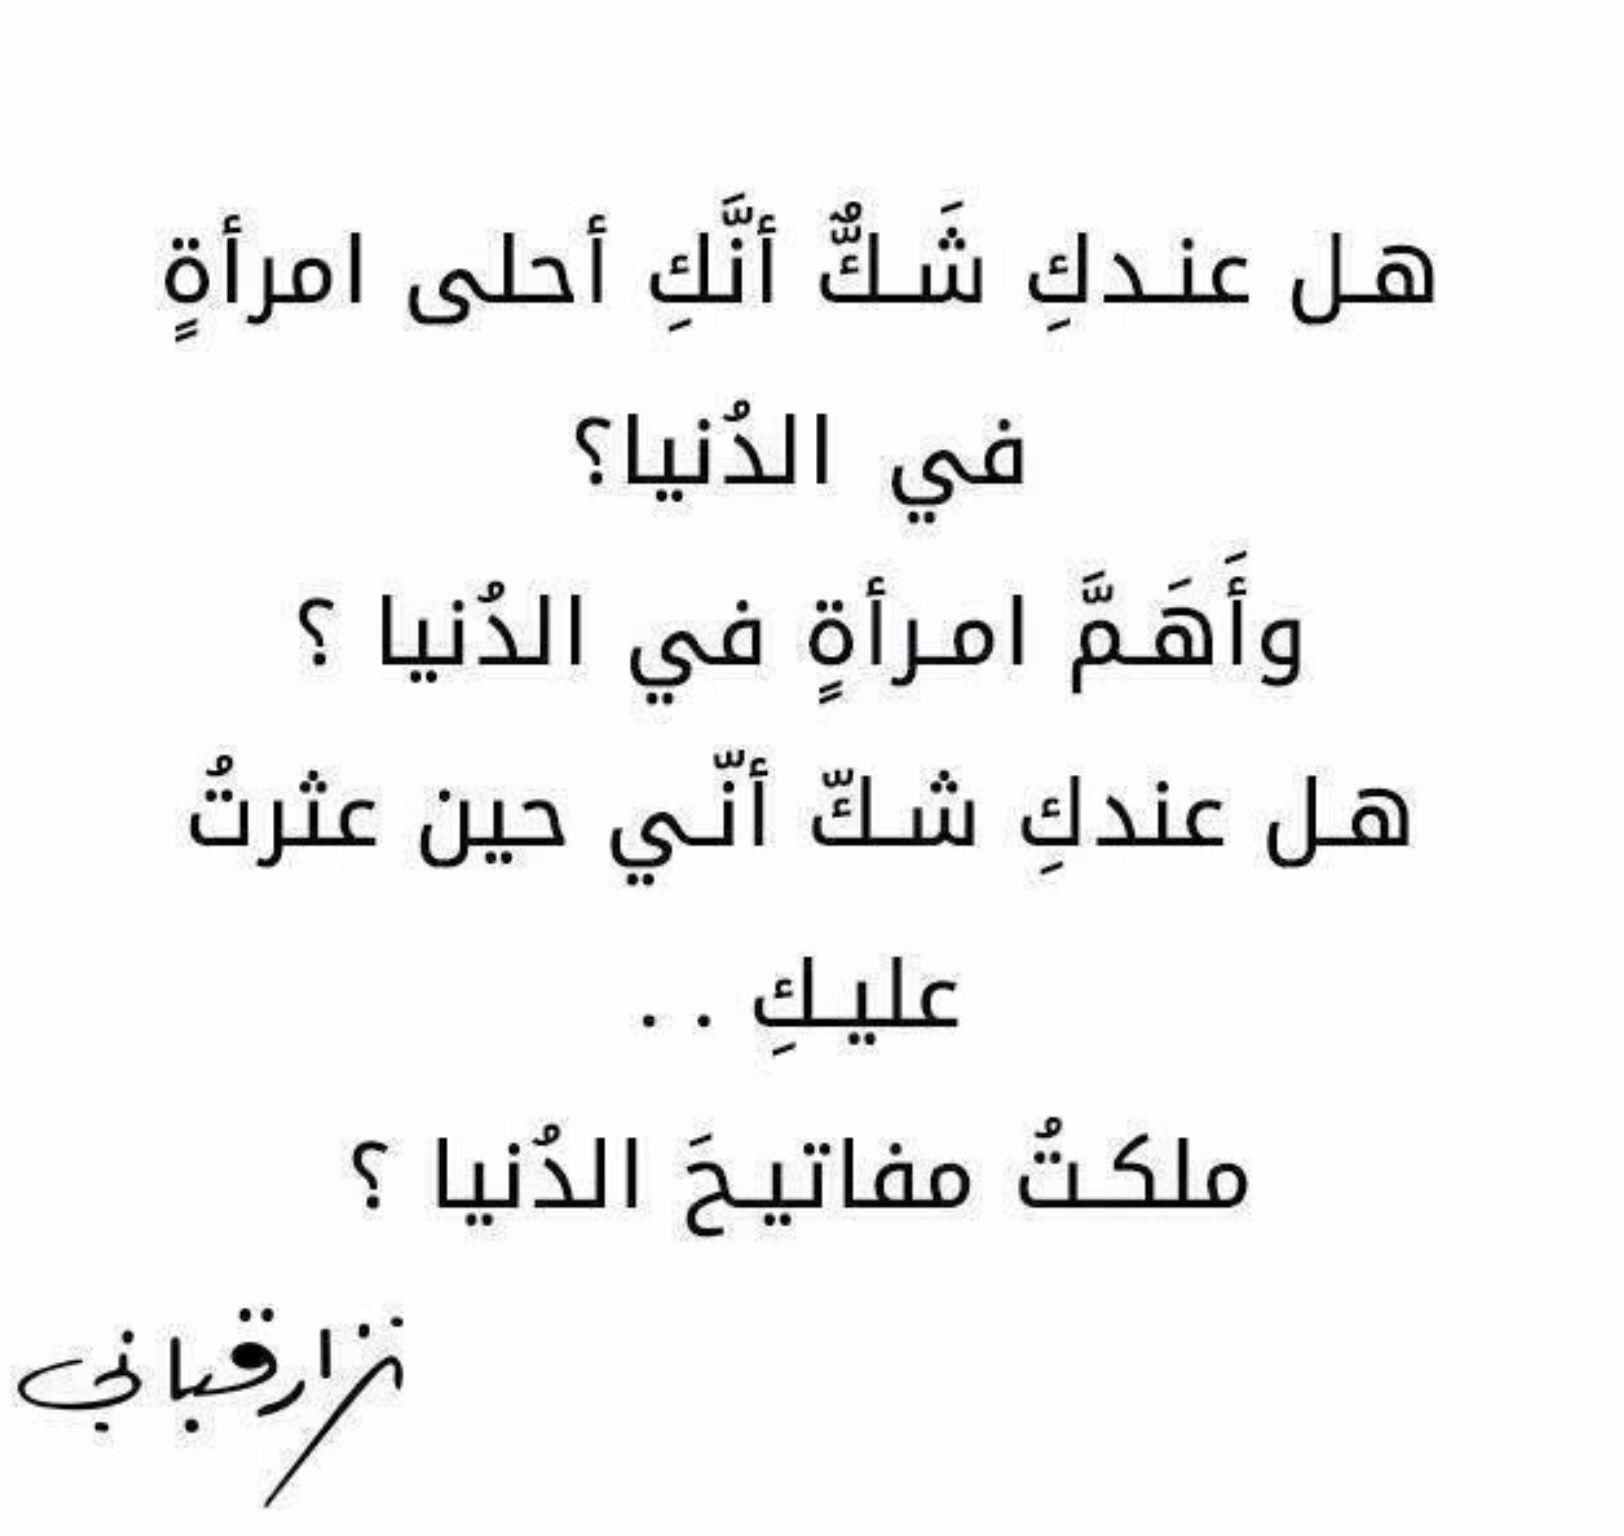 بالصور قصائد غزل فاحش , اروع اشعار الغزل لنزار قبانى 4985